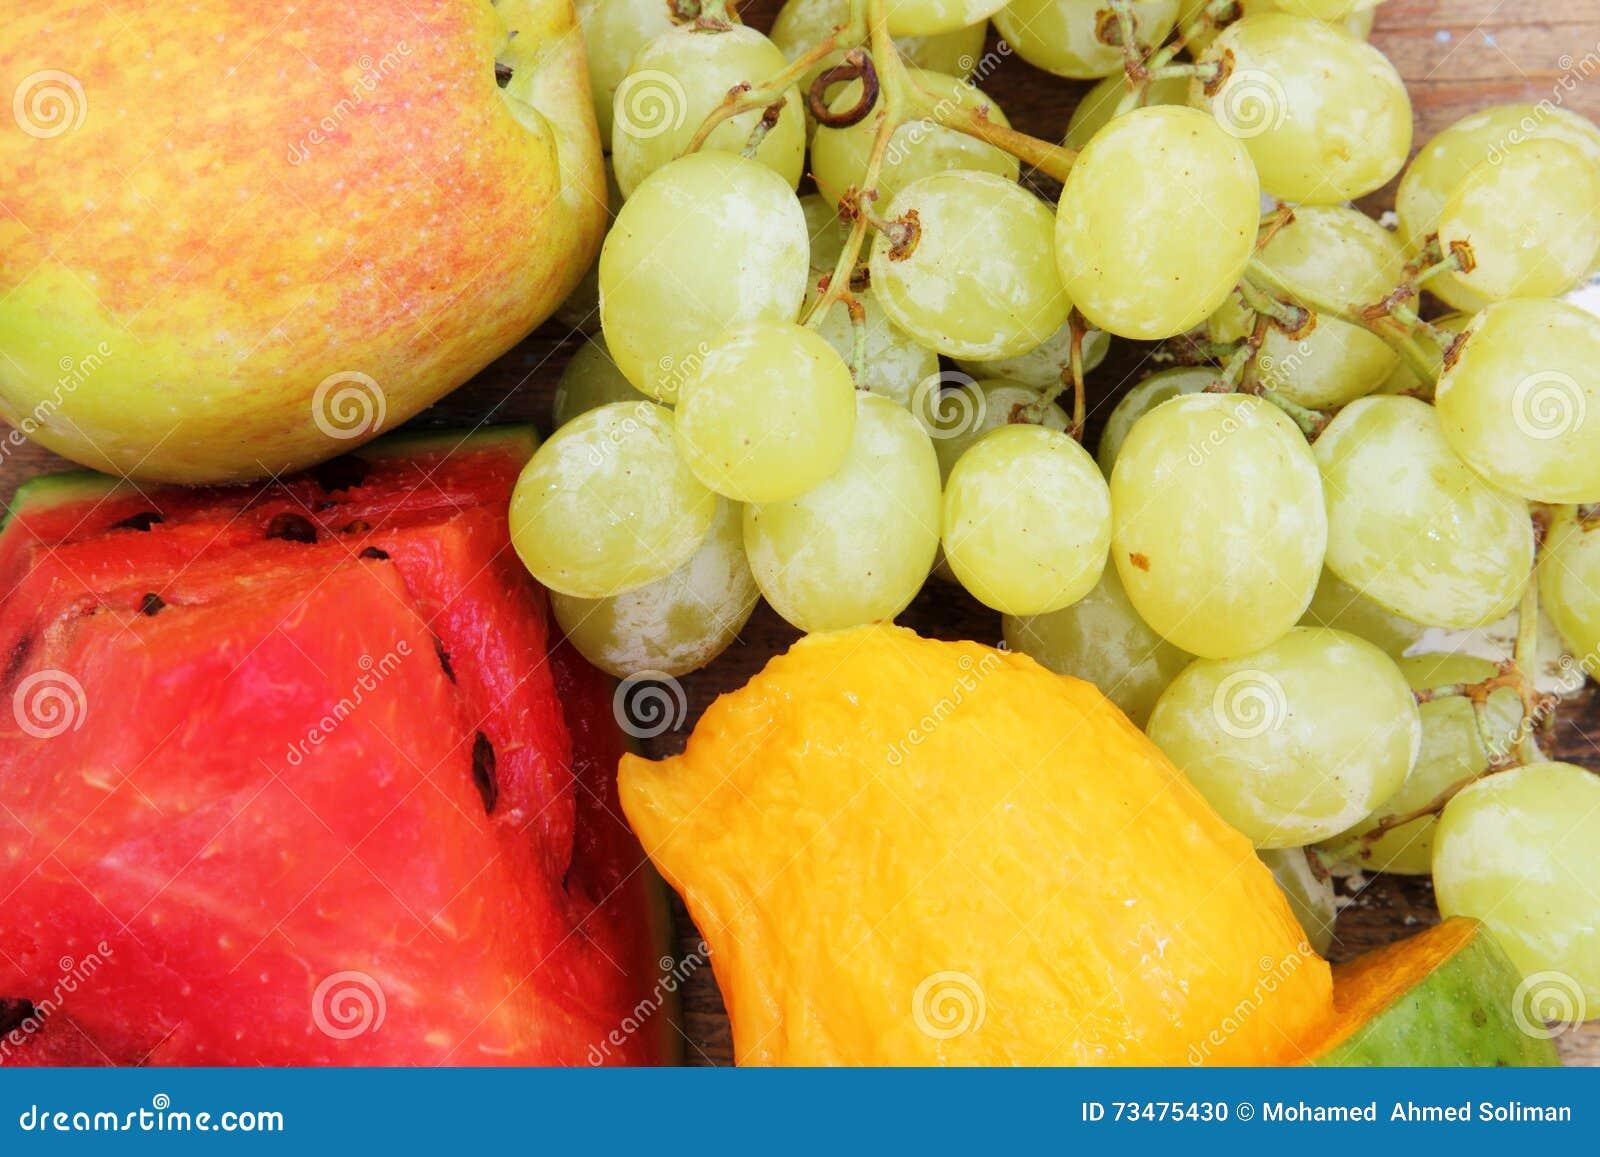 芒果用绿色葡萄用西瓜和苹果结果实